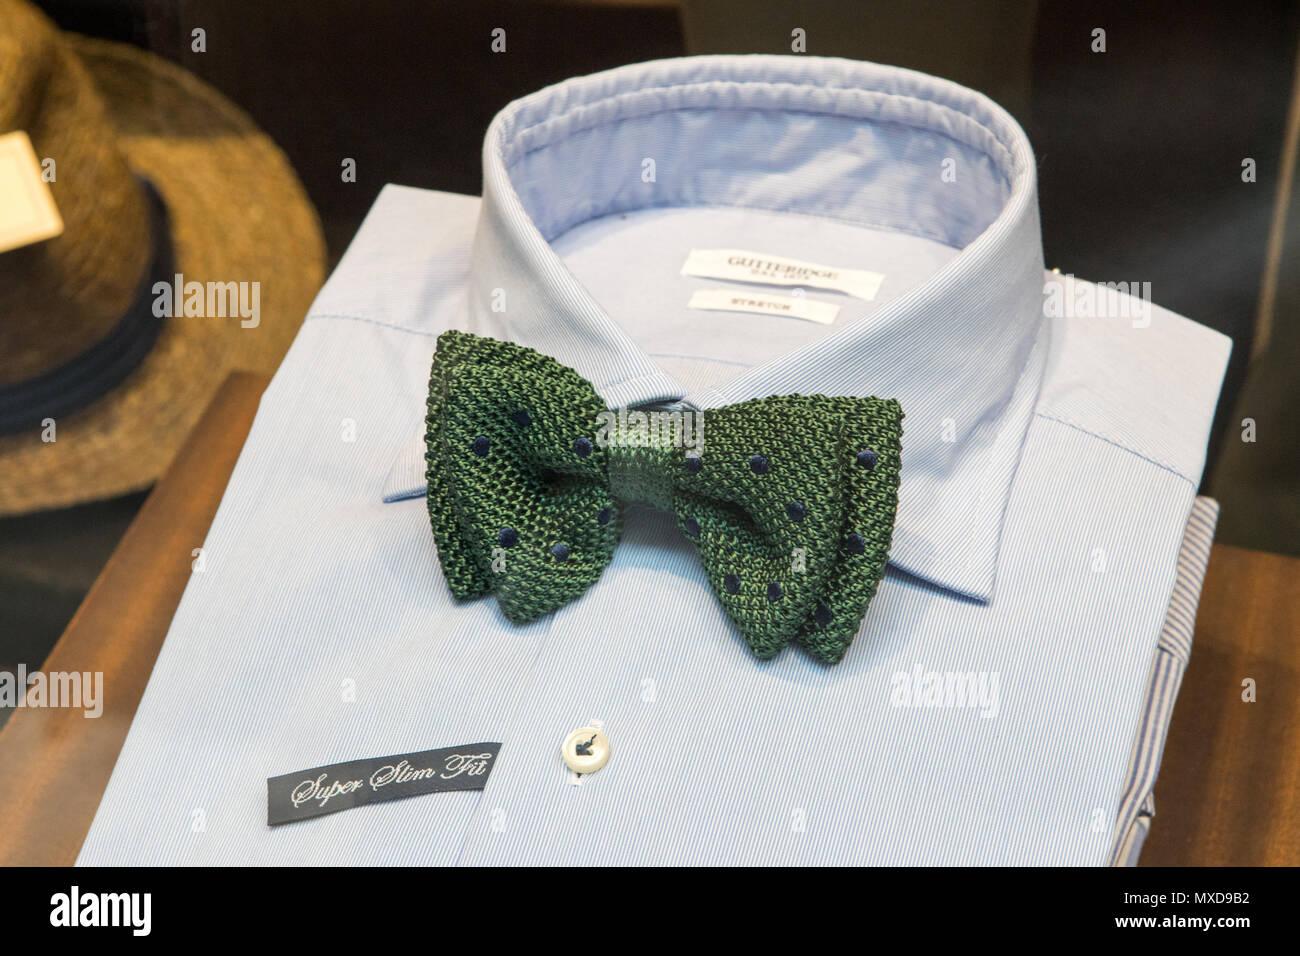 Detalle del hombre pajarita verde desgastado con camisa blanca mostraron en escaparate de tienda, Roma, Italia. Imagen De Stock